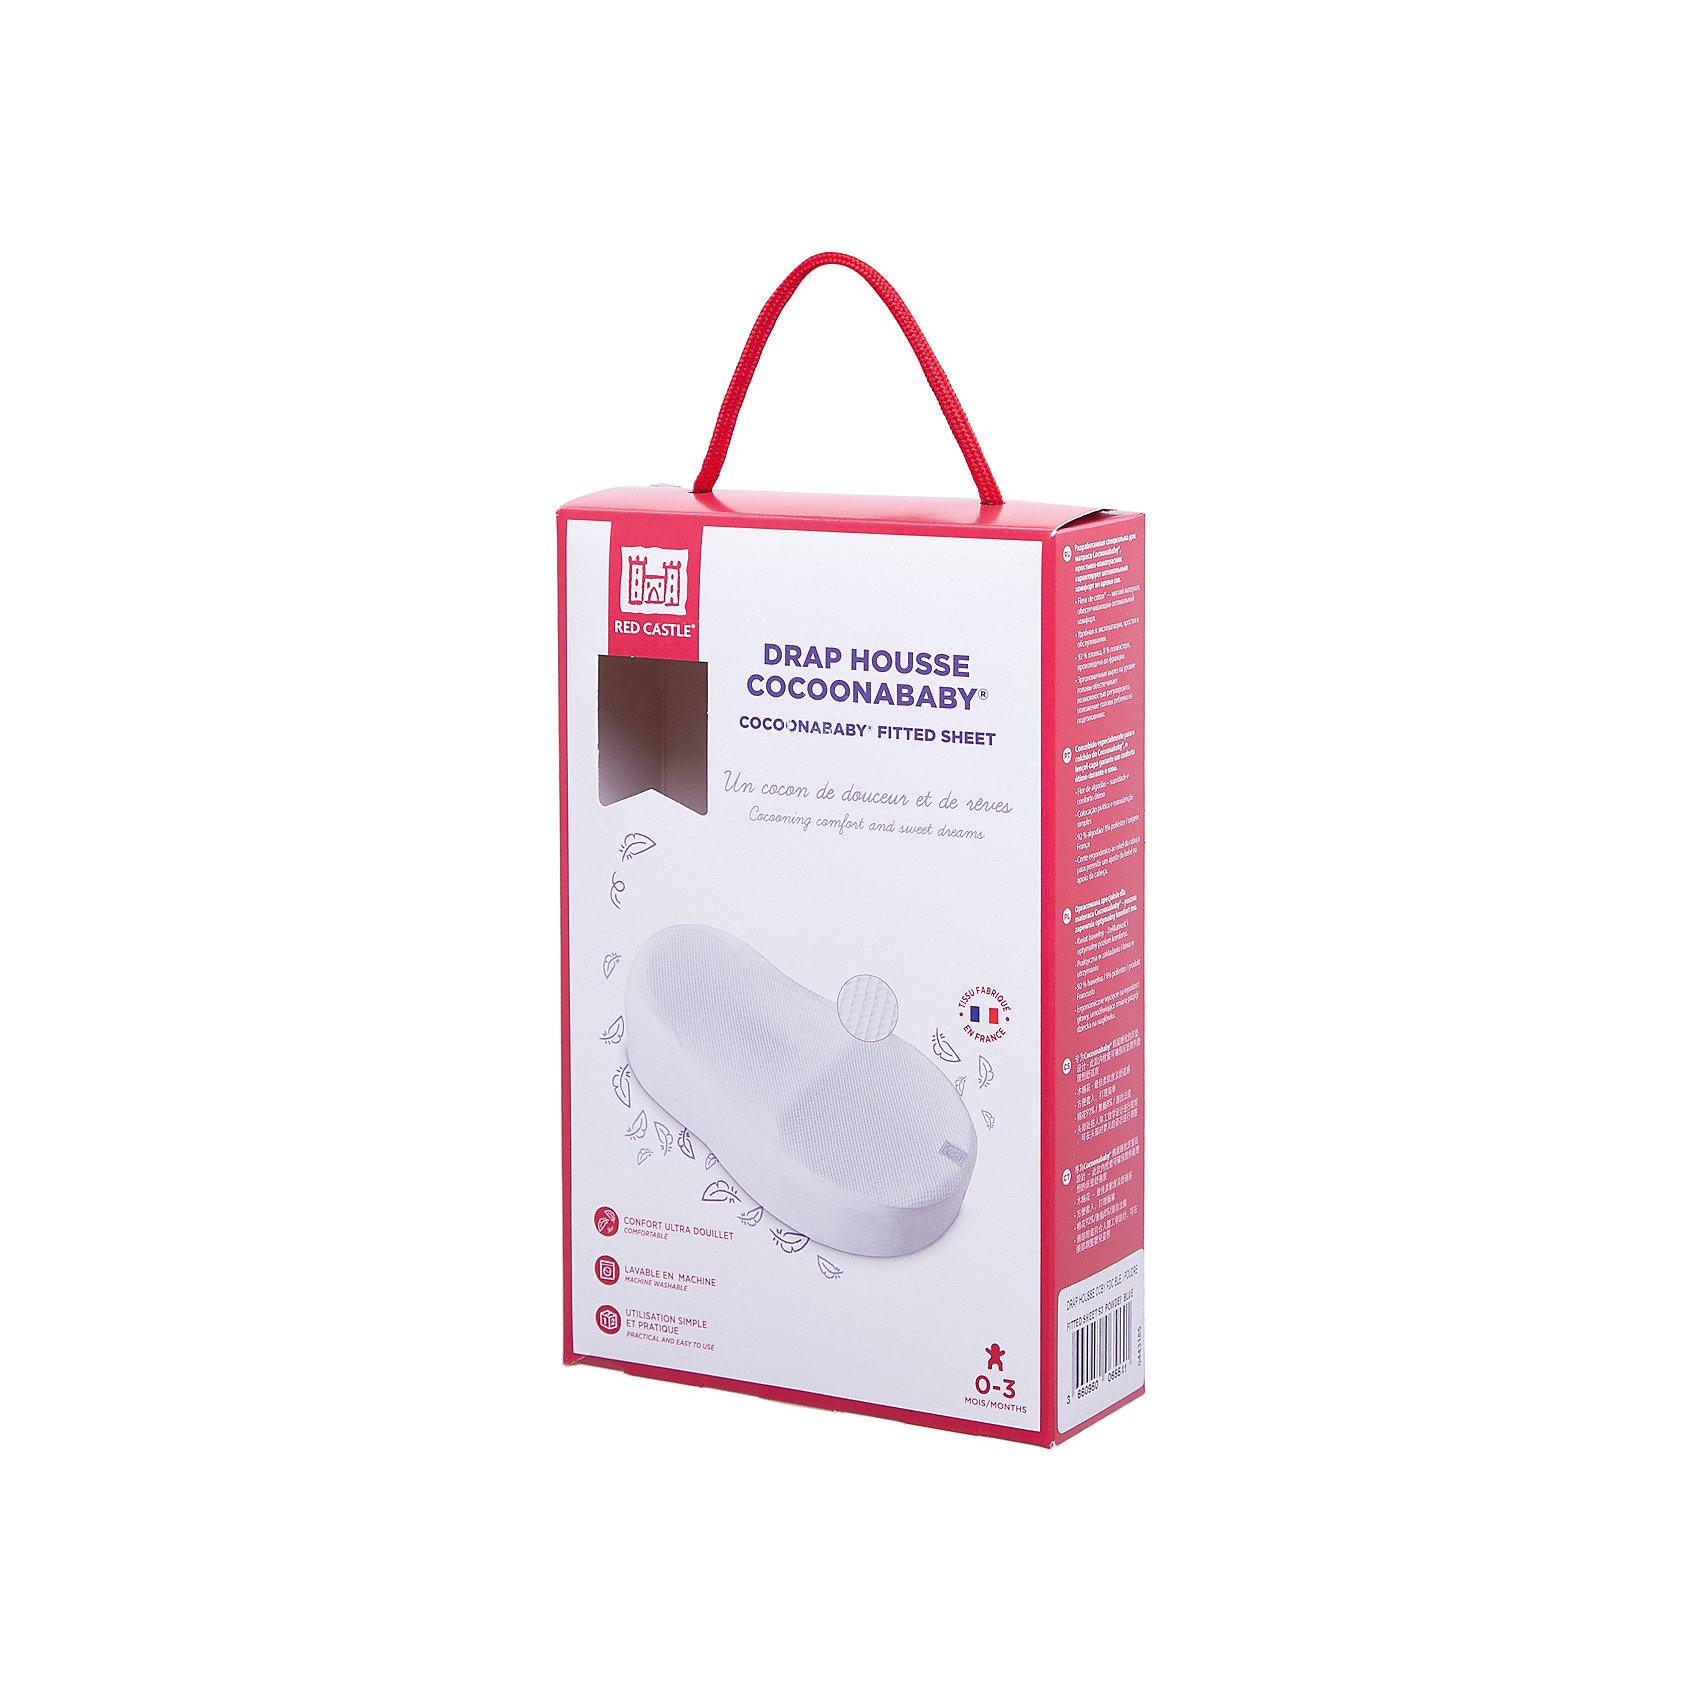 Наволочка к детскому эргономическому матрасику  Fitted Sheet, Red Castle, Powder BlueКокон Cocoonababy® продается в комплекте со съемной простыней белого цвета. Существуe большое количество расцветок и разное качество материала - махровая ткань, Fleur de Coton®  для запасных съемных простыней.<br><br>Ширина мм: 150<br>Глубина мм: 60<br>Высота мм: 280<br>Вес г: 240<br>Возраст от месяцев: 0<br>Возраст до месяцев: 6<br>Пол: Мужской<br>Возраст: Детский<br>SKU: 5543606